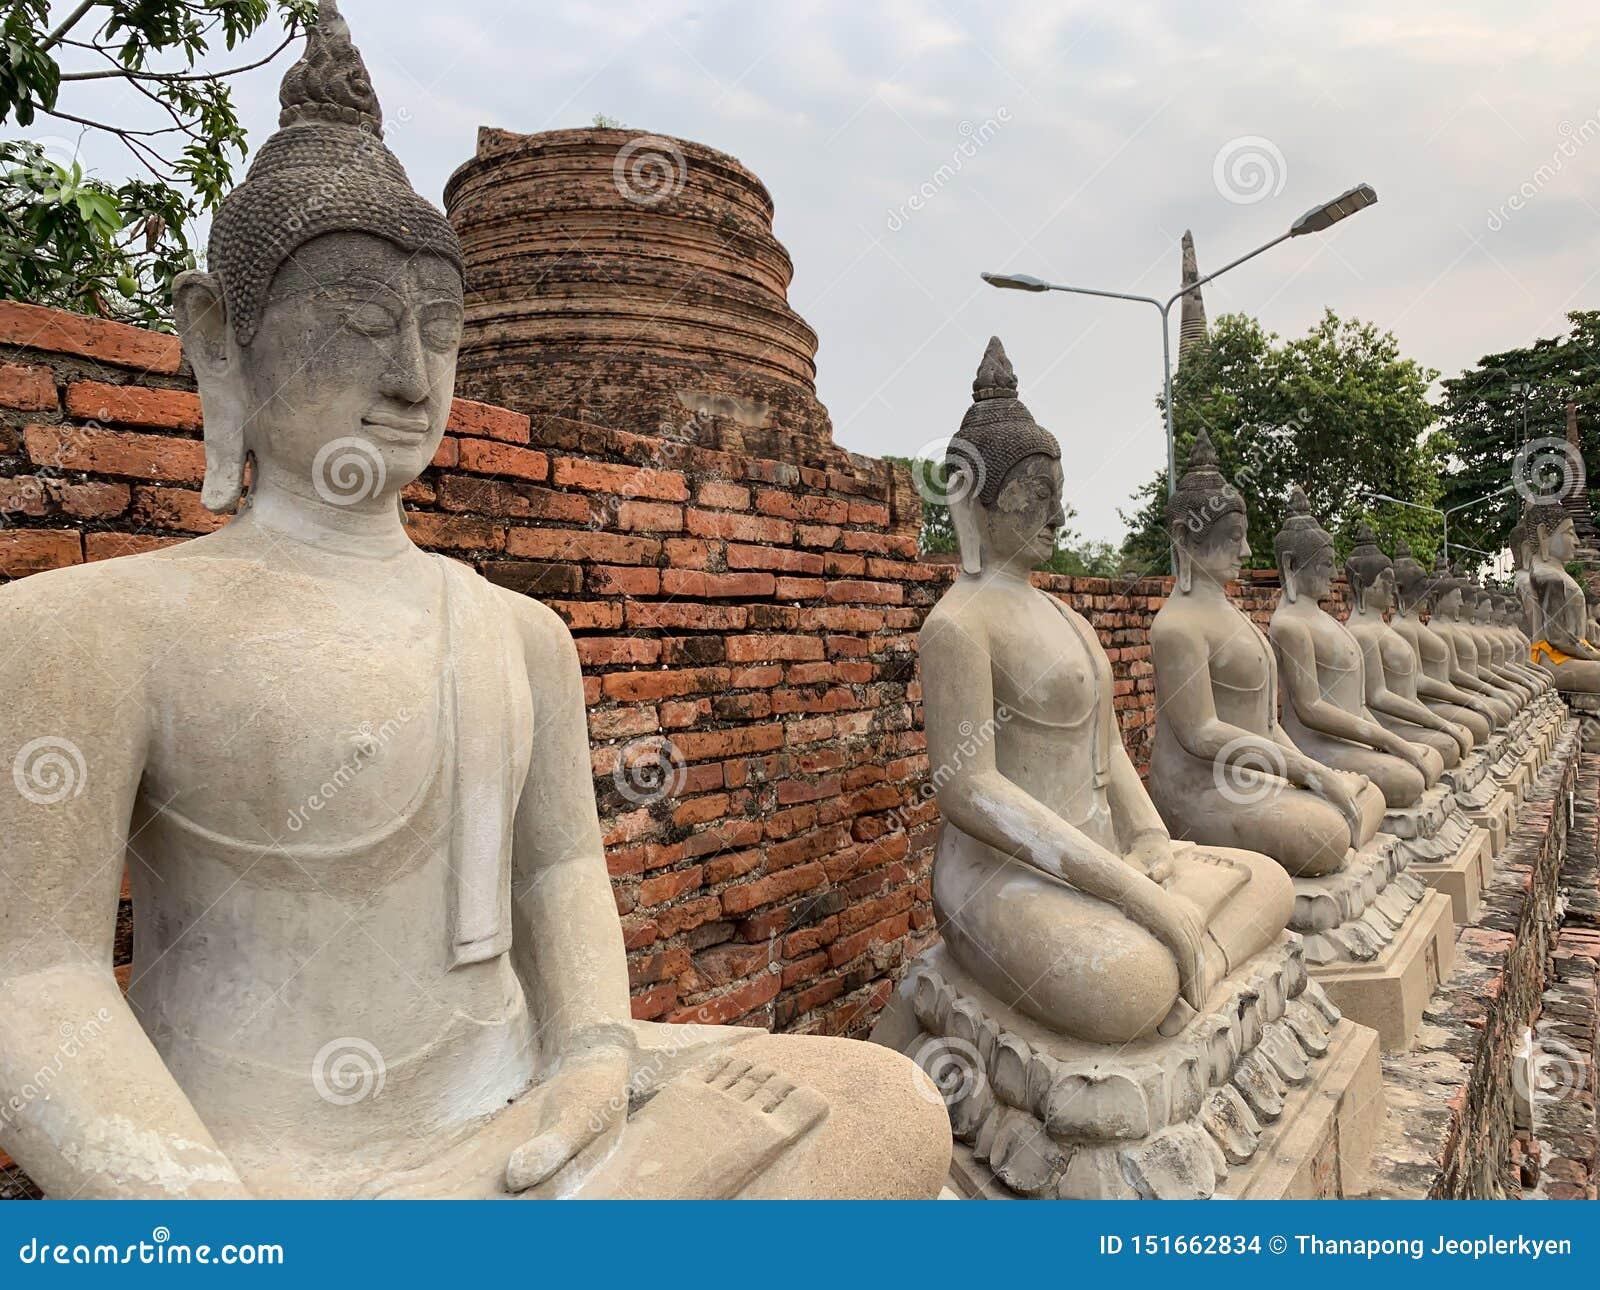 Image de fond de Bouddha